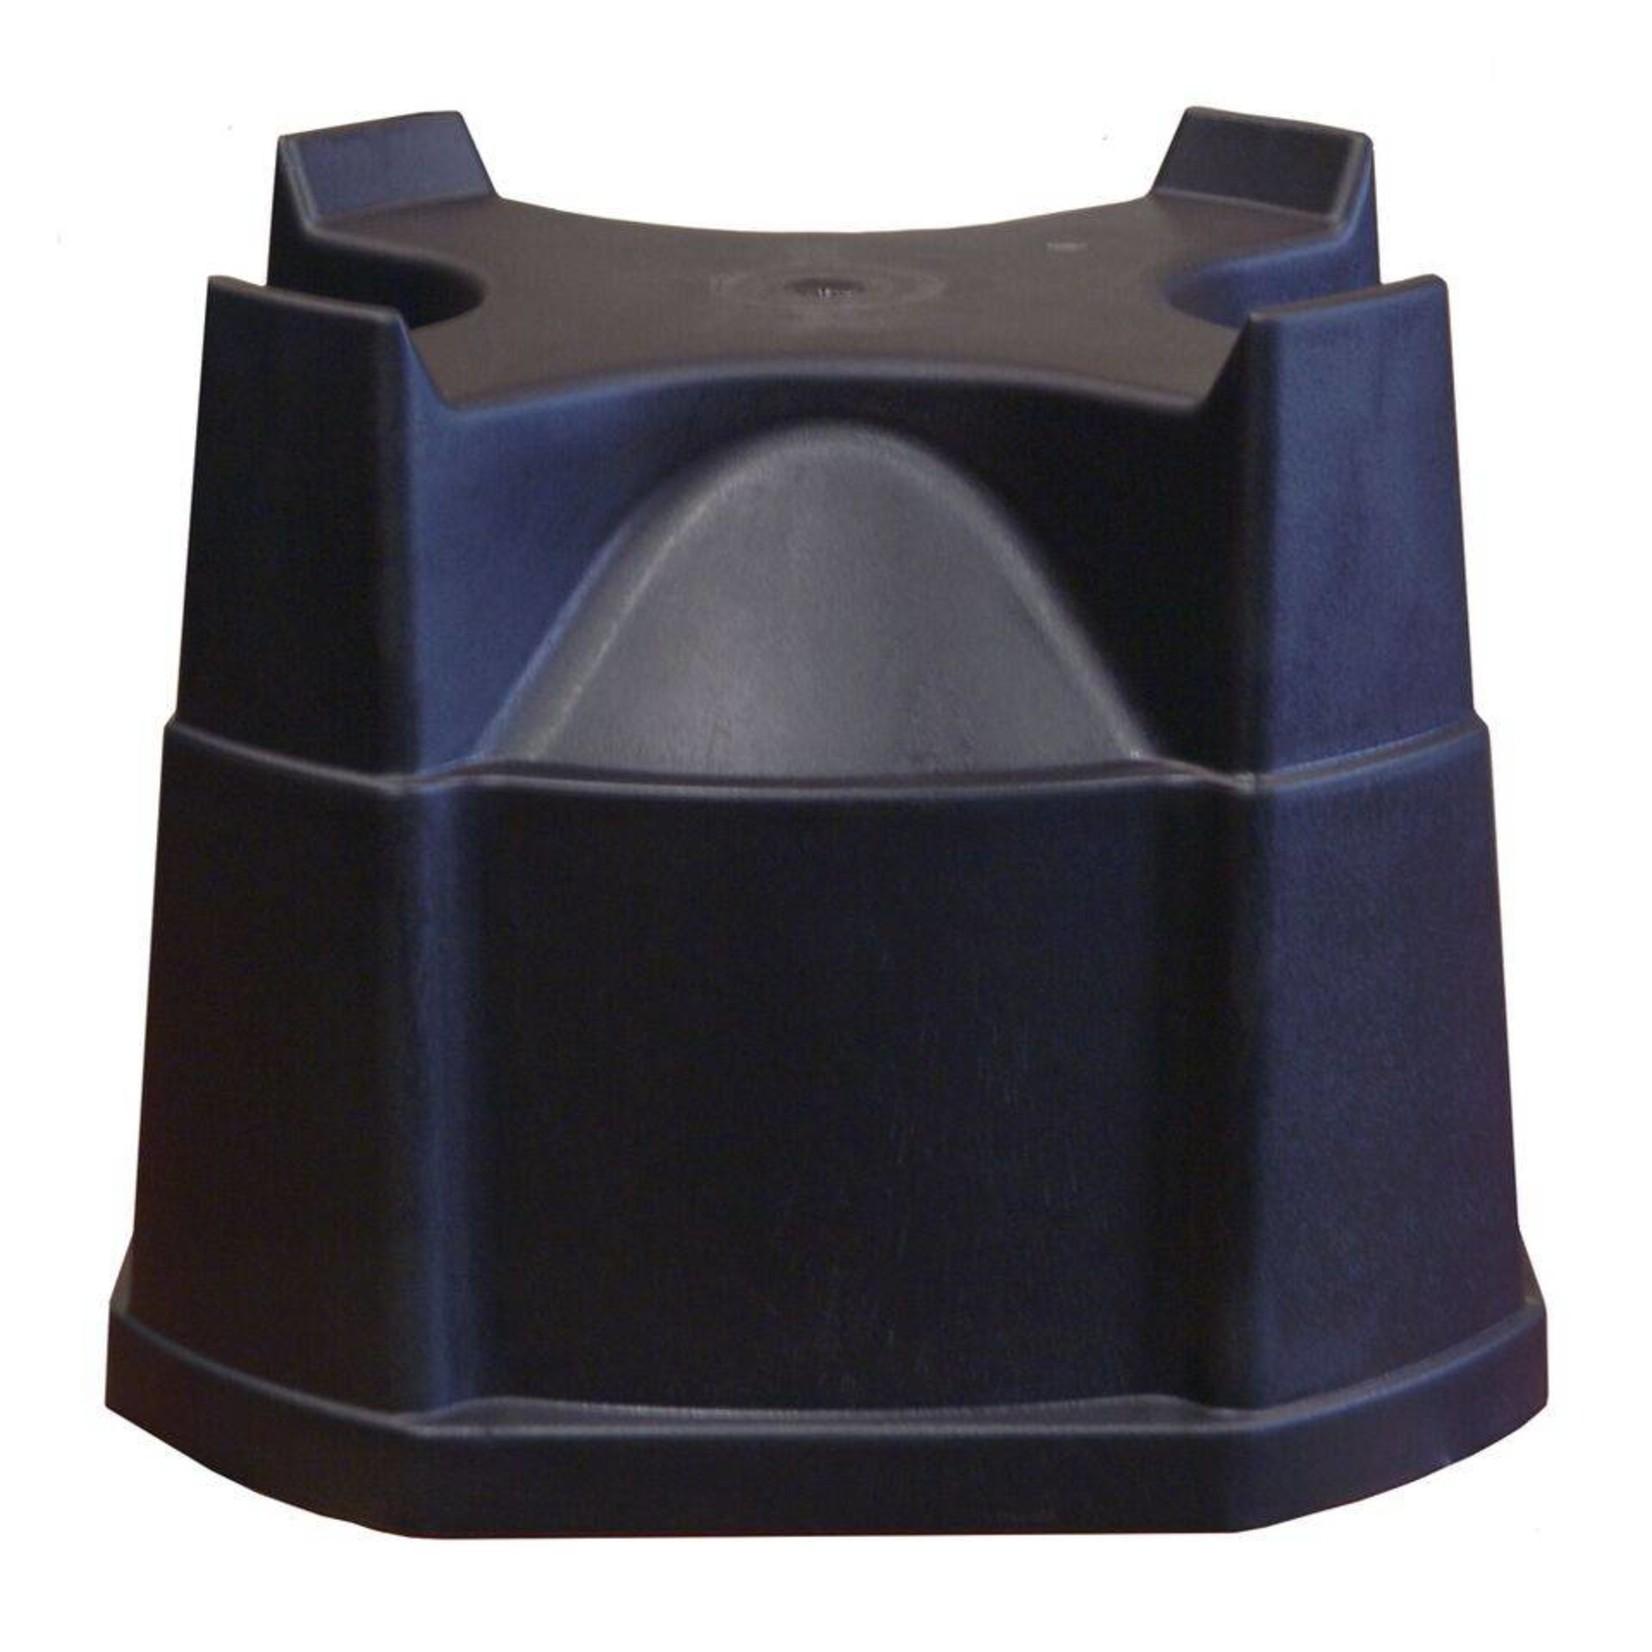 Harcostar Mini rainsaver regentonvoet zwart